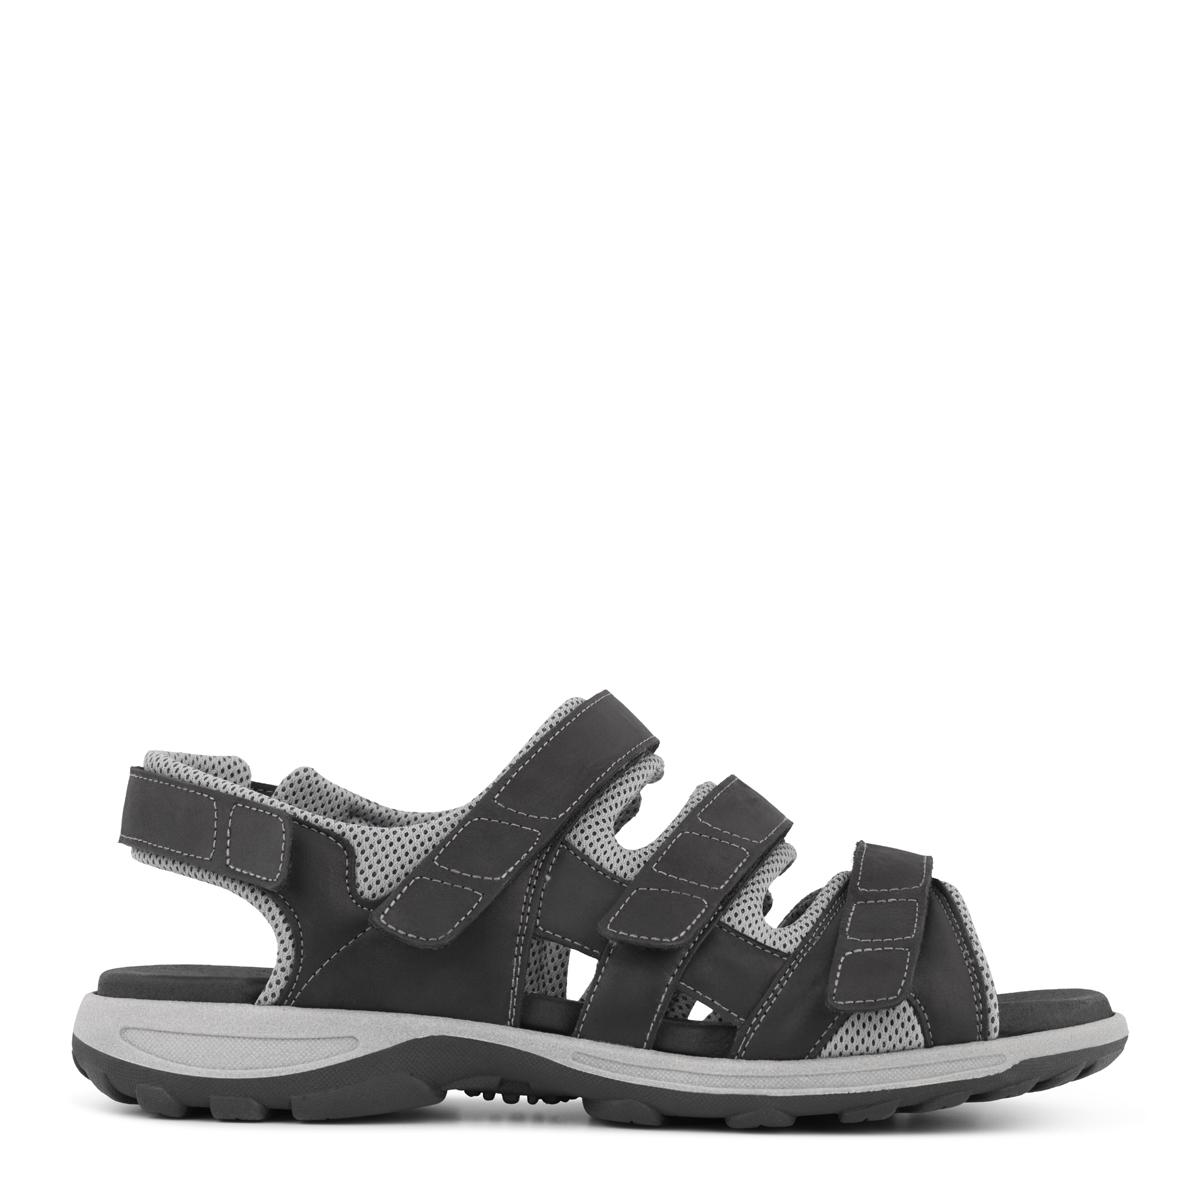 Herre fodtøj